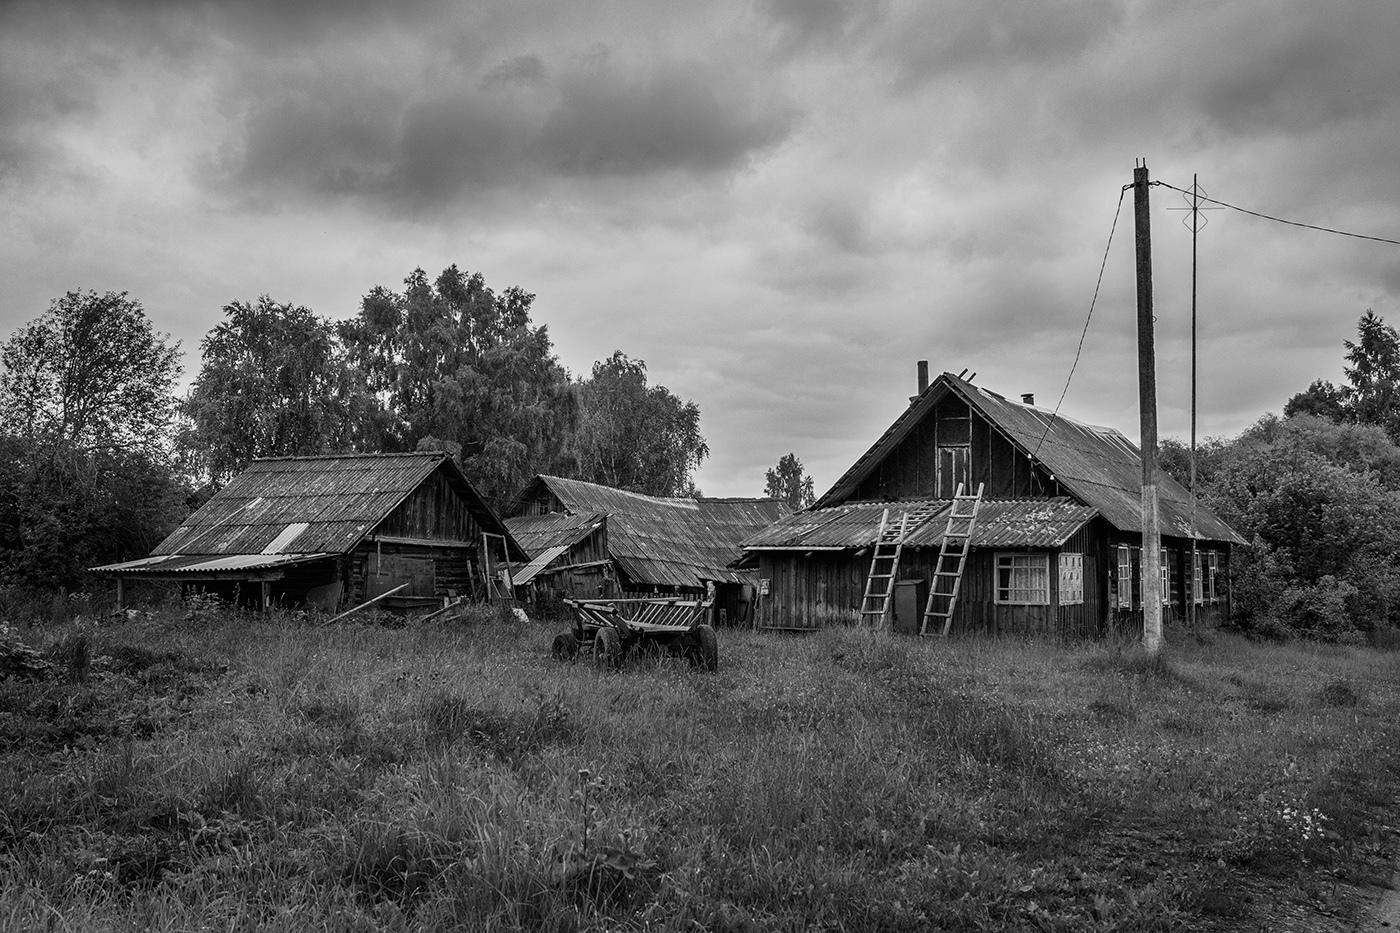 вымирающие деревни фото чего катя